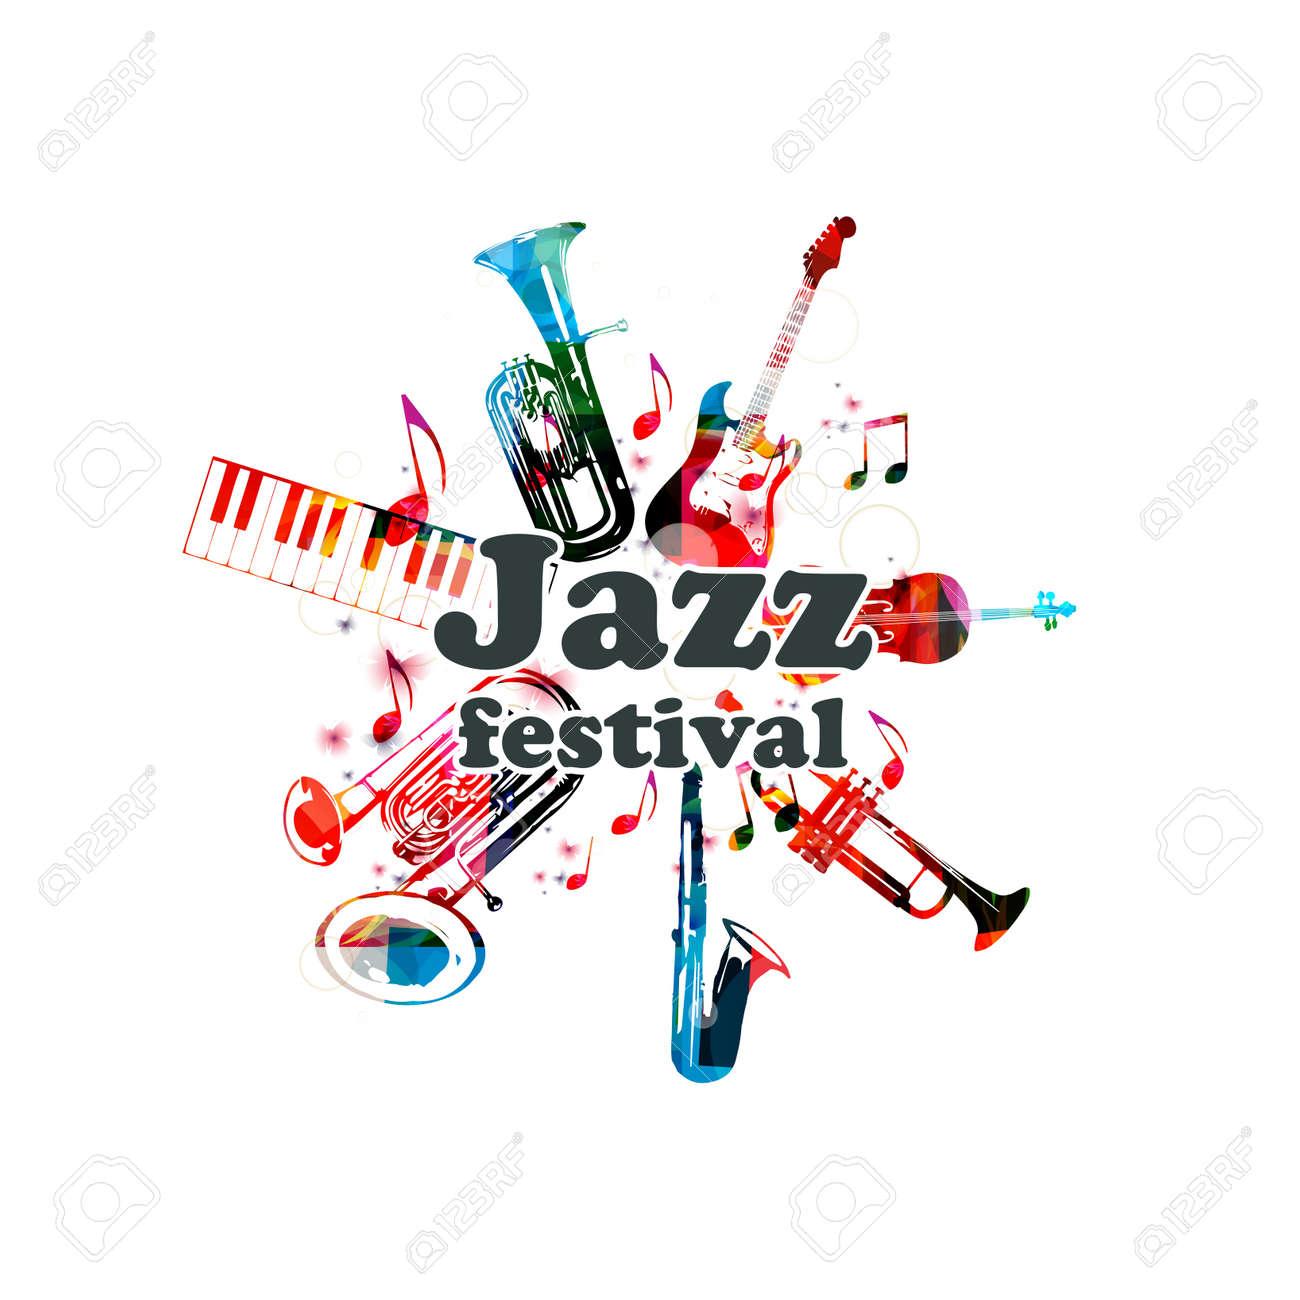 Cartel De Música Para El Festival De Jazz Con Instrumentos Musicales ...